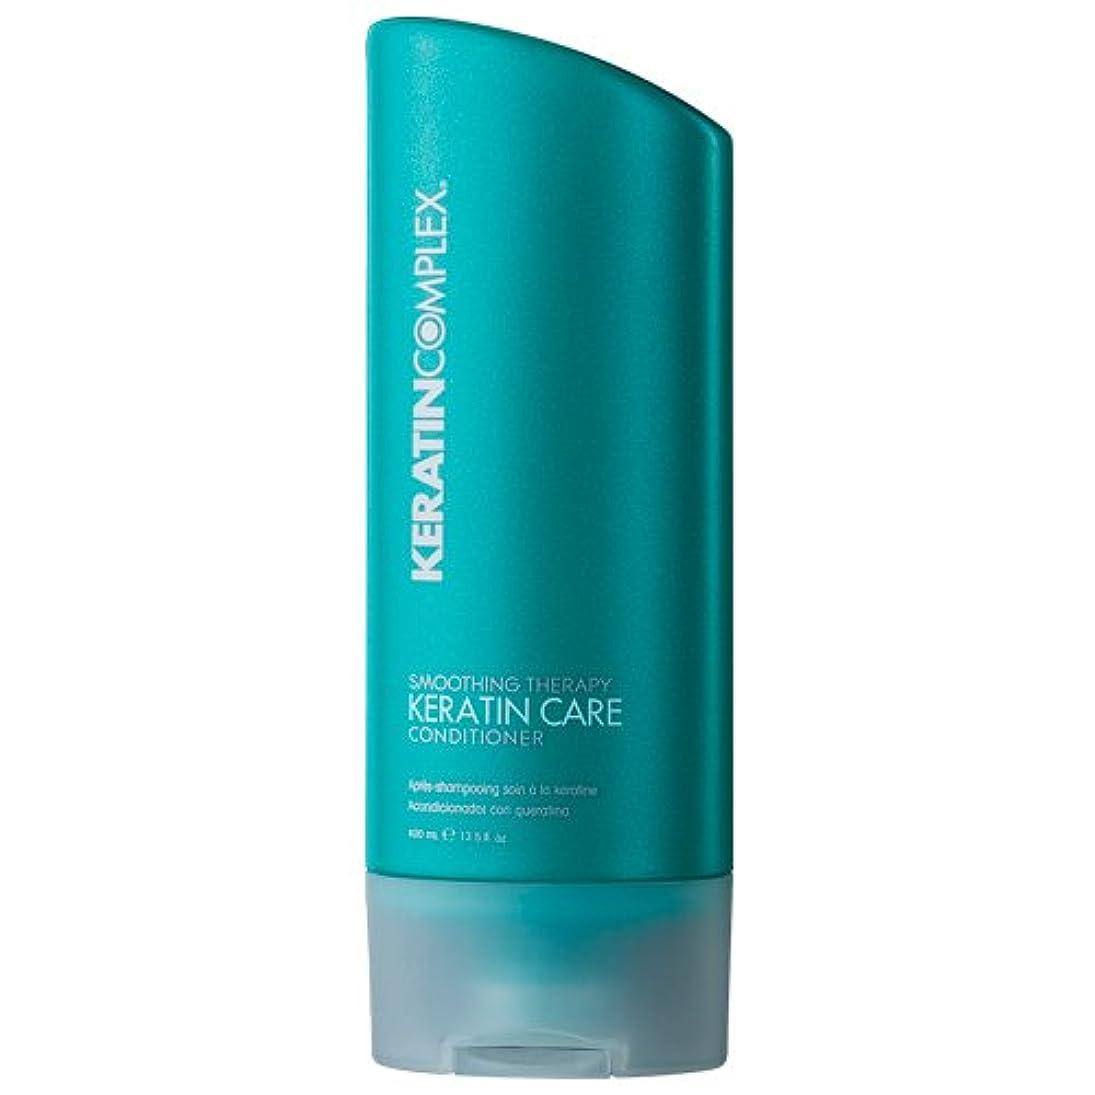 ブリッジミリメーター見るSmoothing Therapy Keratin Care Conditioner (For All Hair Types) - 400ml/13.5oz